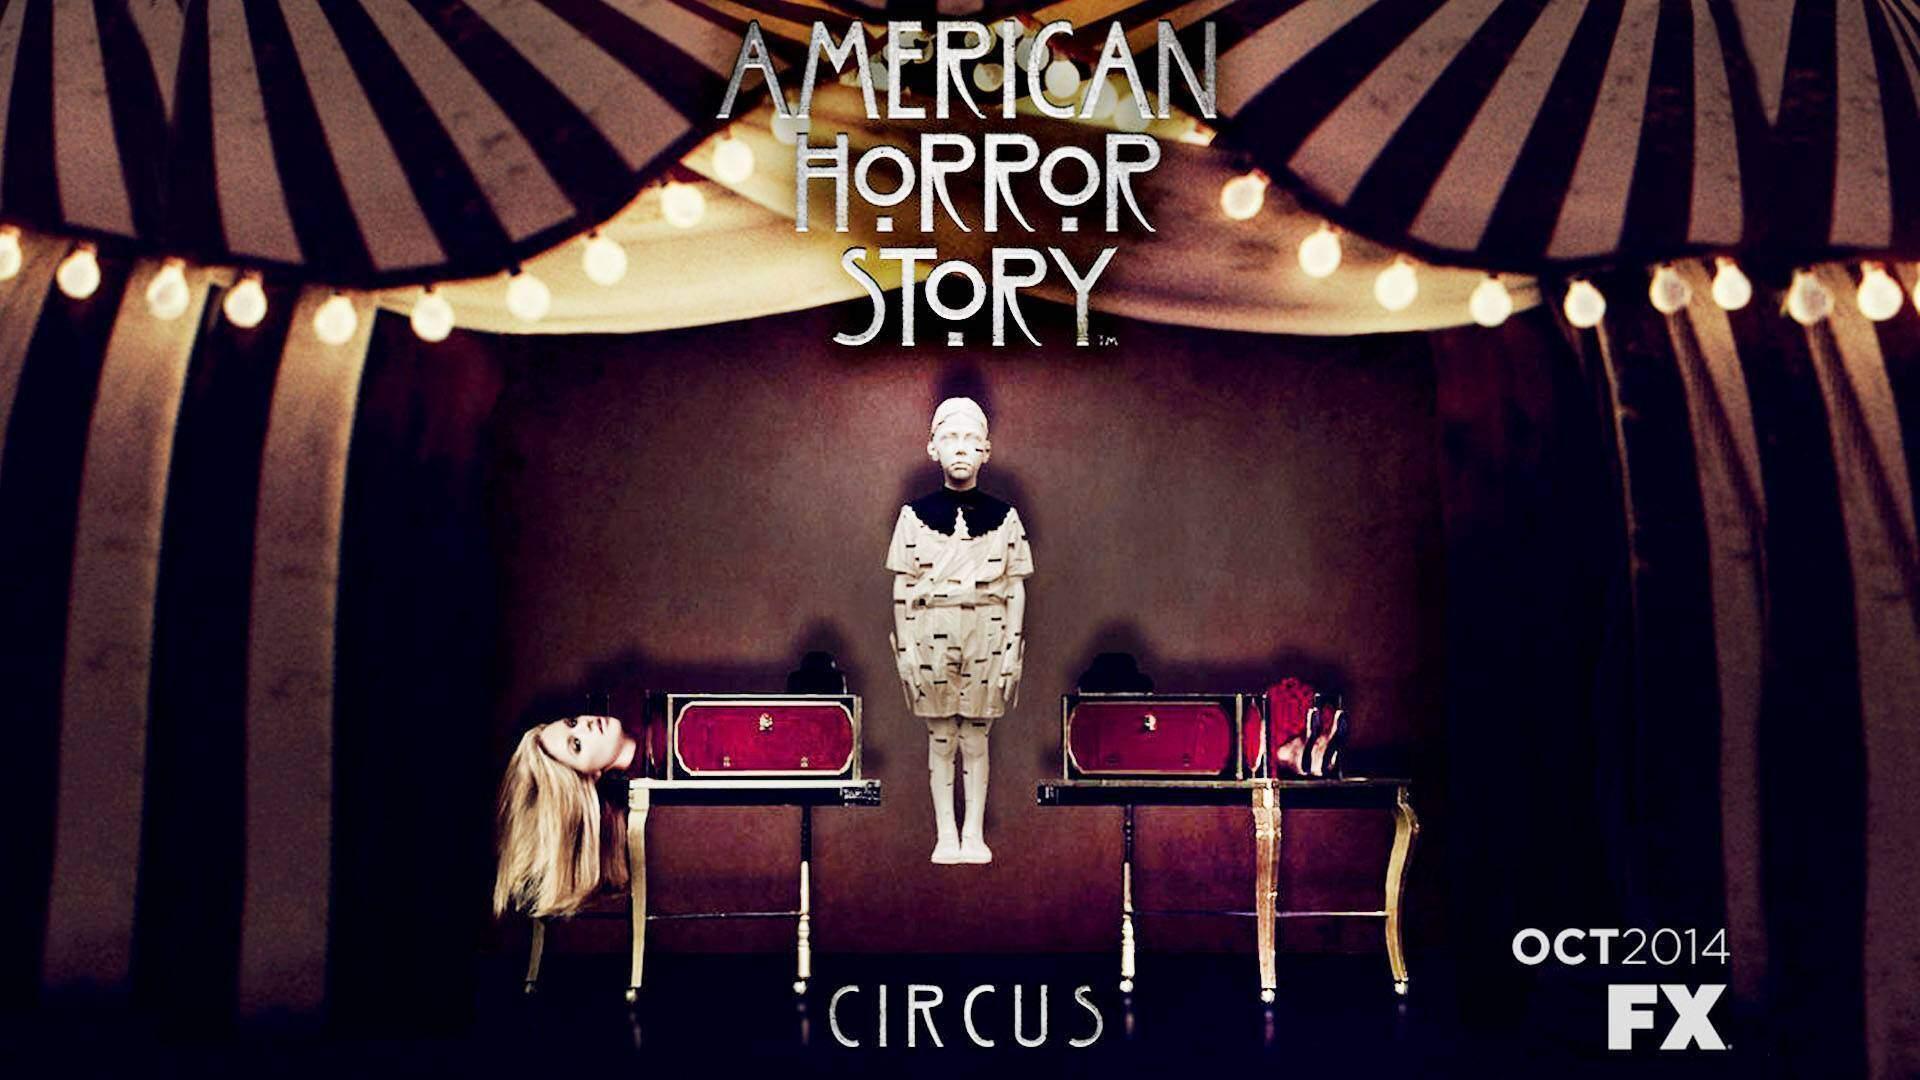 American Horror Story 4, dettagli sulla trama e nuovo teaser trailer